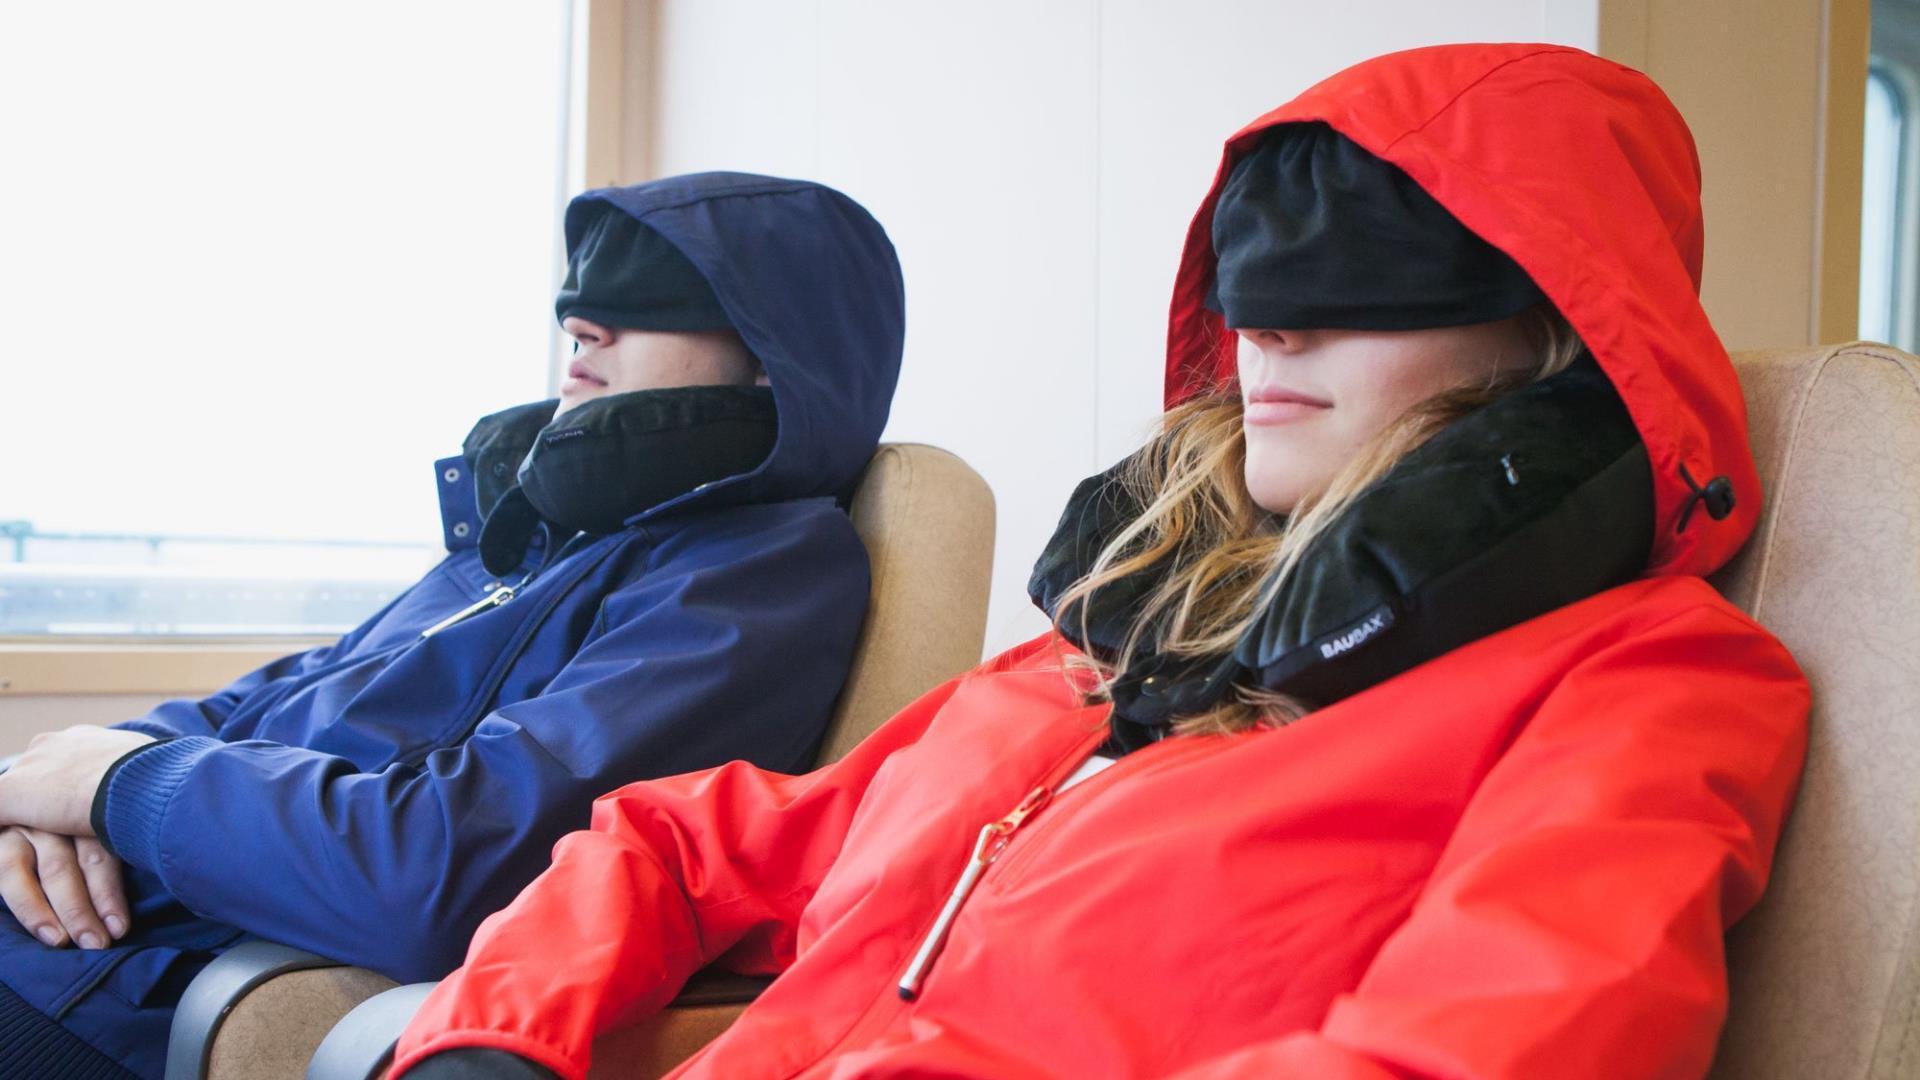 El abrigo ideal para viajeros, con almohada incorporada